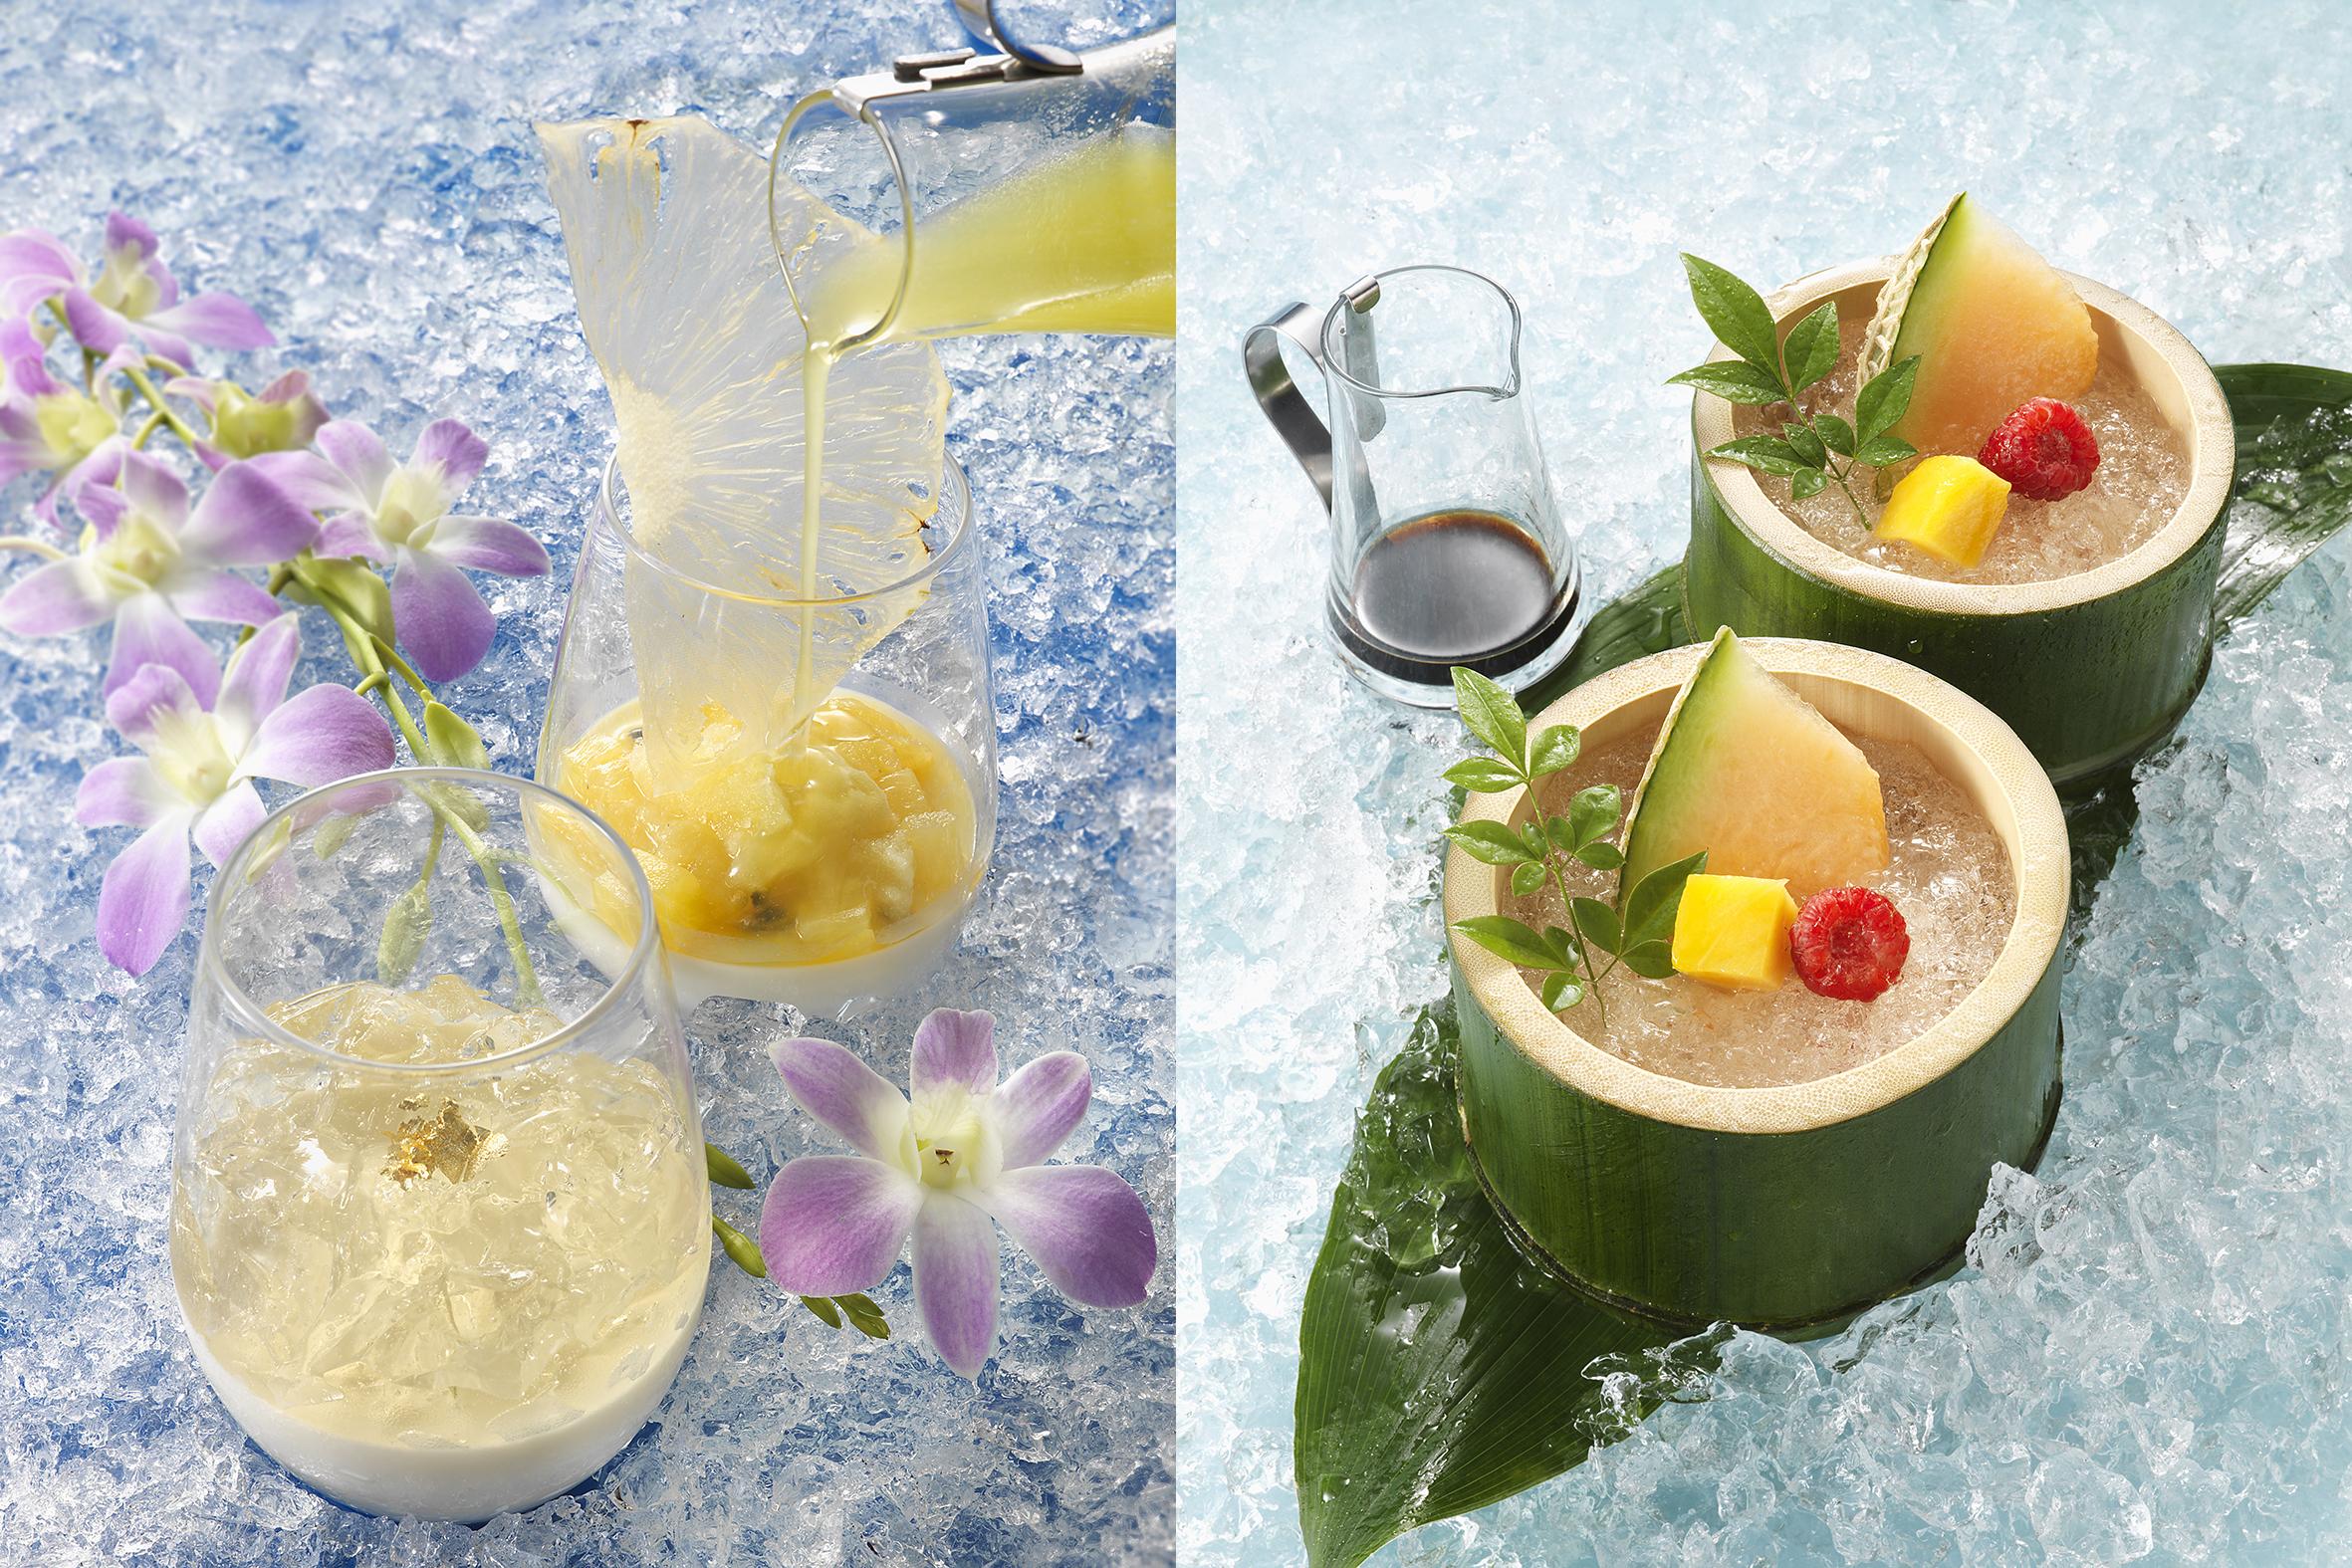 アルコール度数が高いものから順に、中国料理「薄暮〜Bomu〜」、フランス料理の「Apres-midi」(写真左)、日本料理の「黄昏」(写真右)